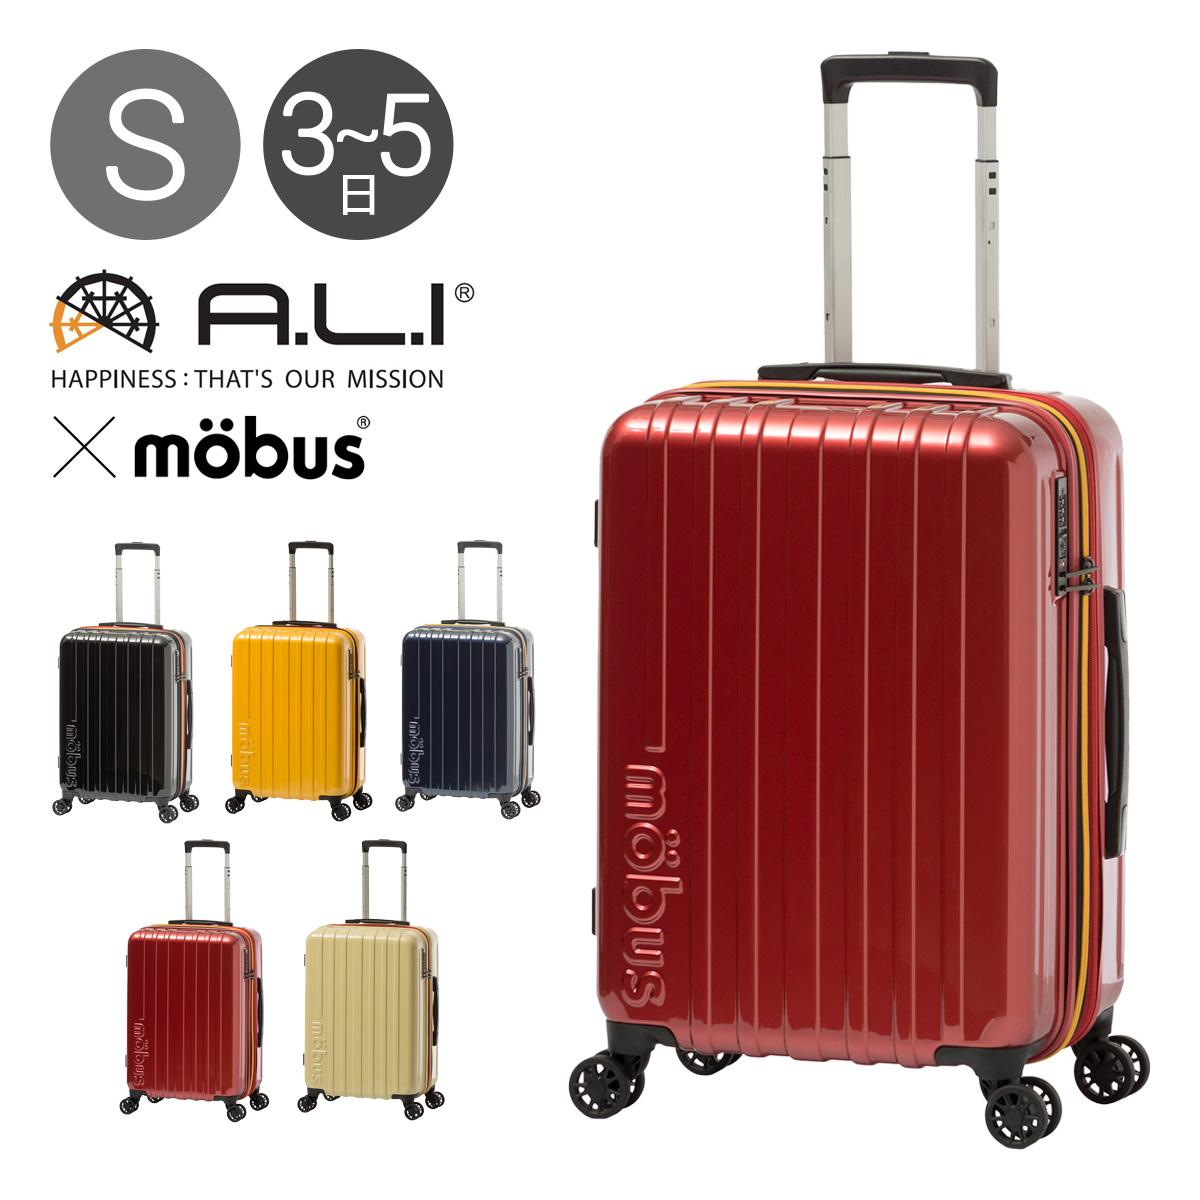 アジアラゲージ モーブススーツケース 61L 55.5cm 3.3kg MBC-1909-22 mobus×A.L.I ハード ファスナー キャリーバッグ キャリーケース 拡張 TSAロック搭載